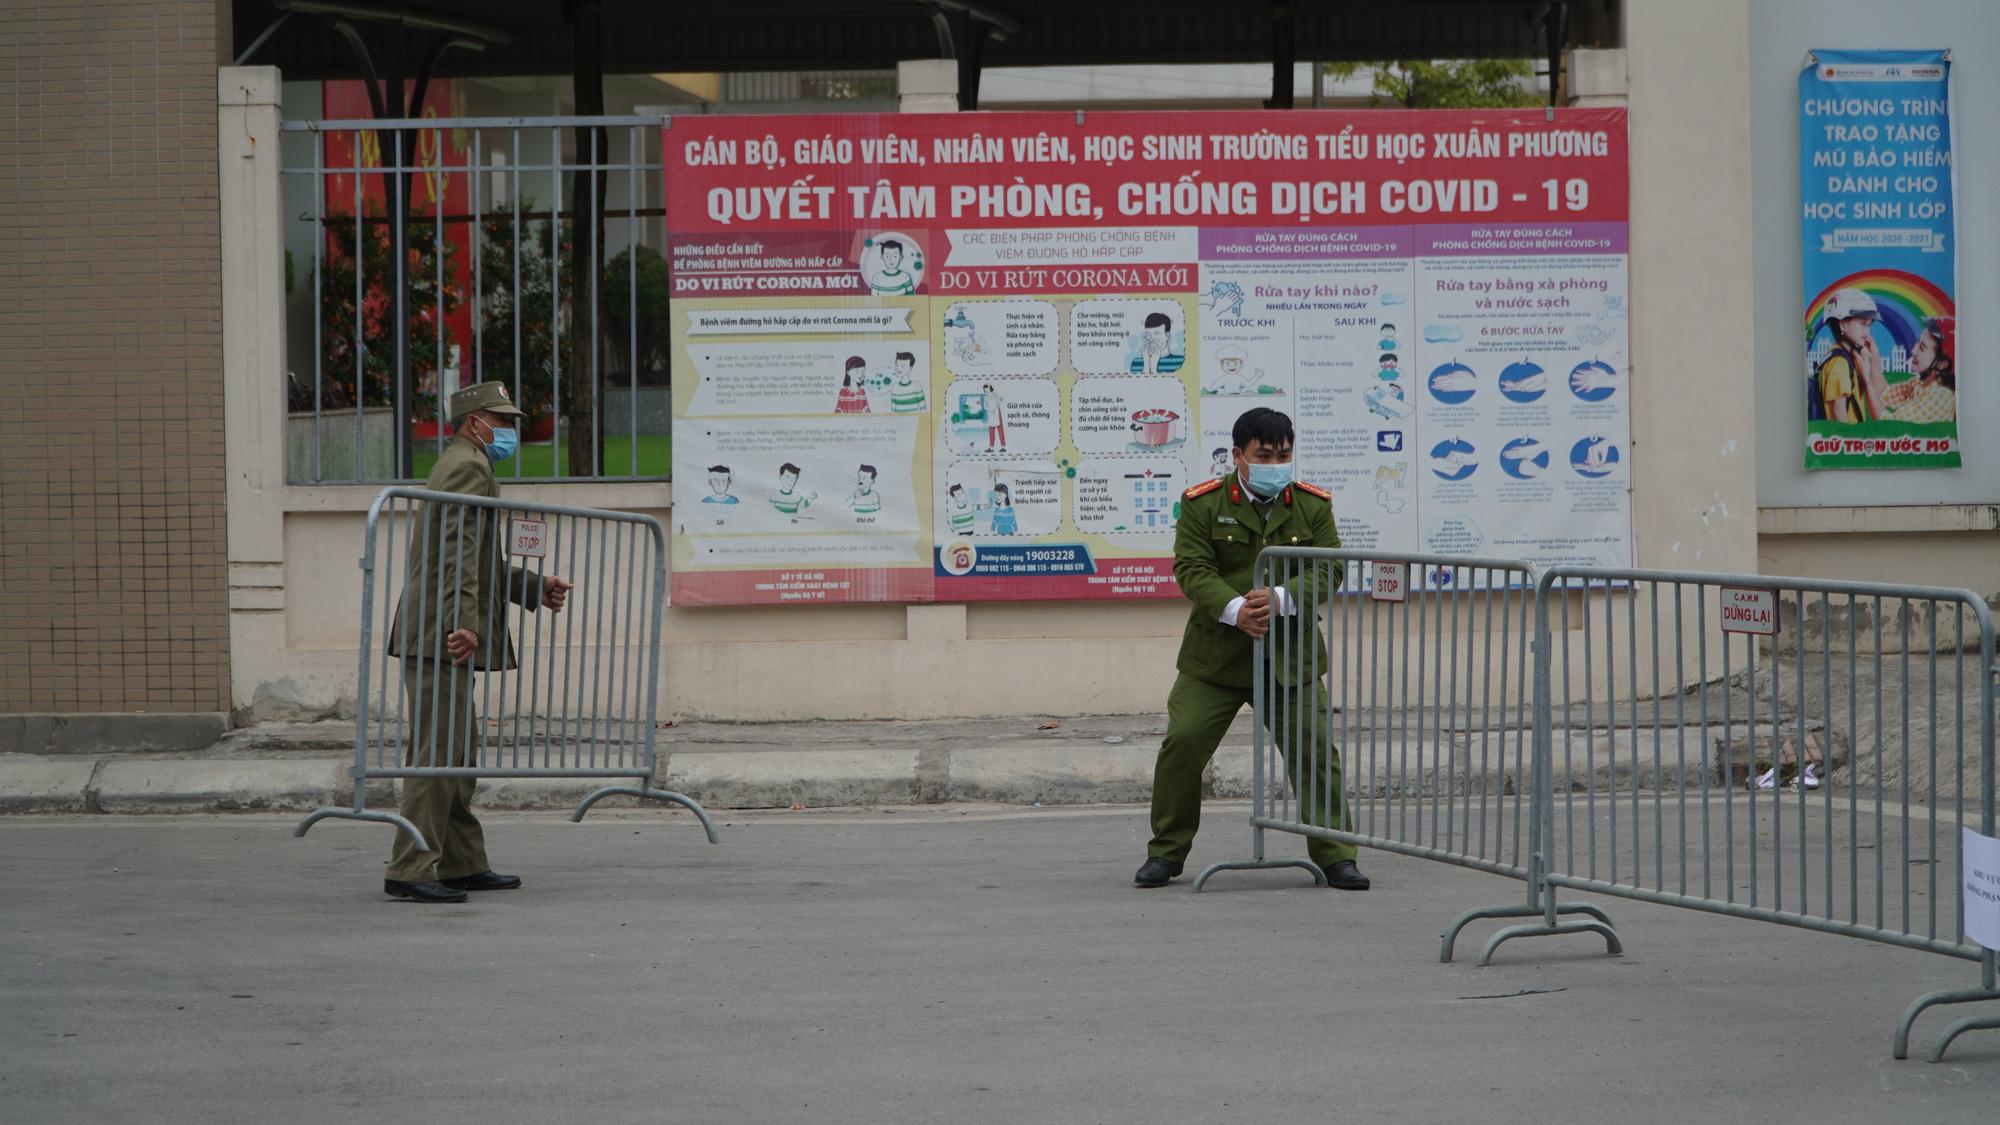 Thương con, nhưng không hoang mang: Phụ huynh học sinh trường TH Nam Xuân Phương nghiêm túc thực hiện cách ly - Ảnh 2.